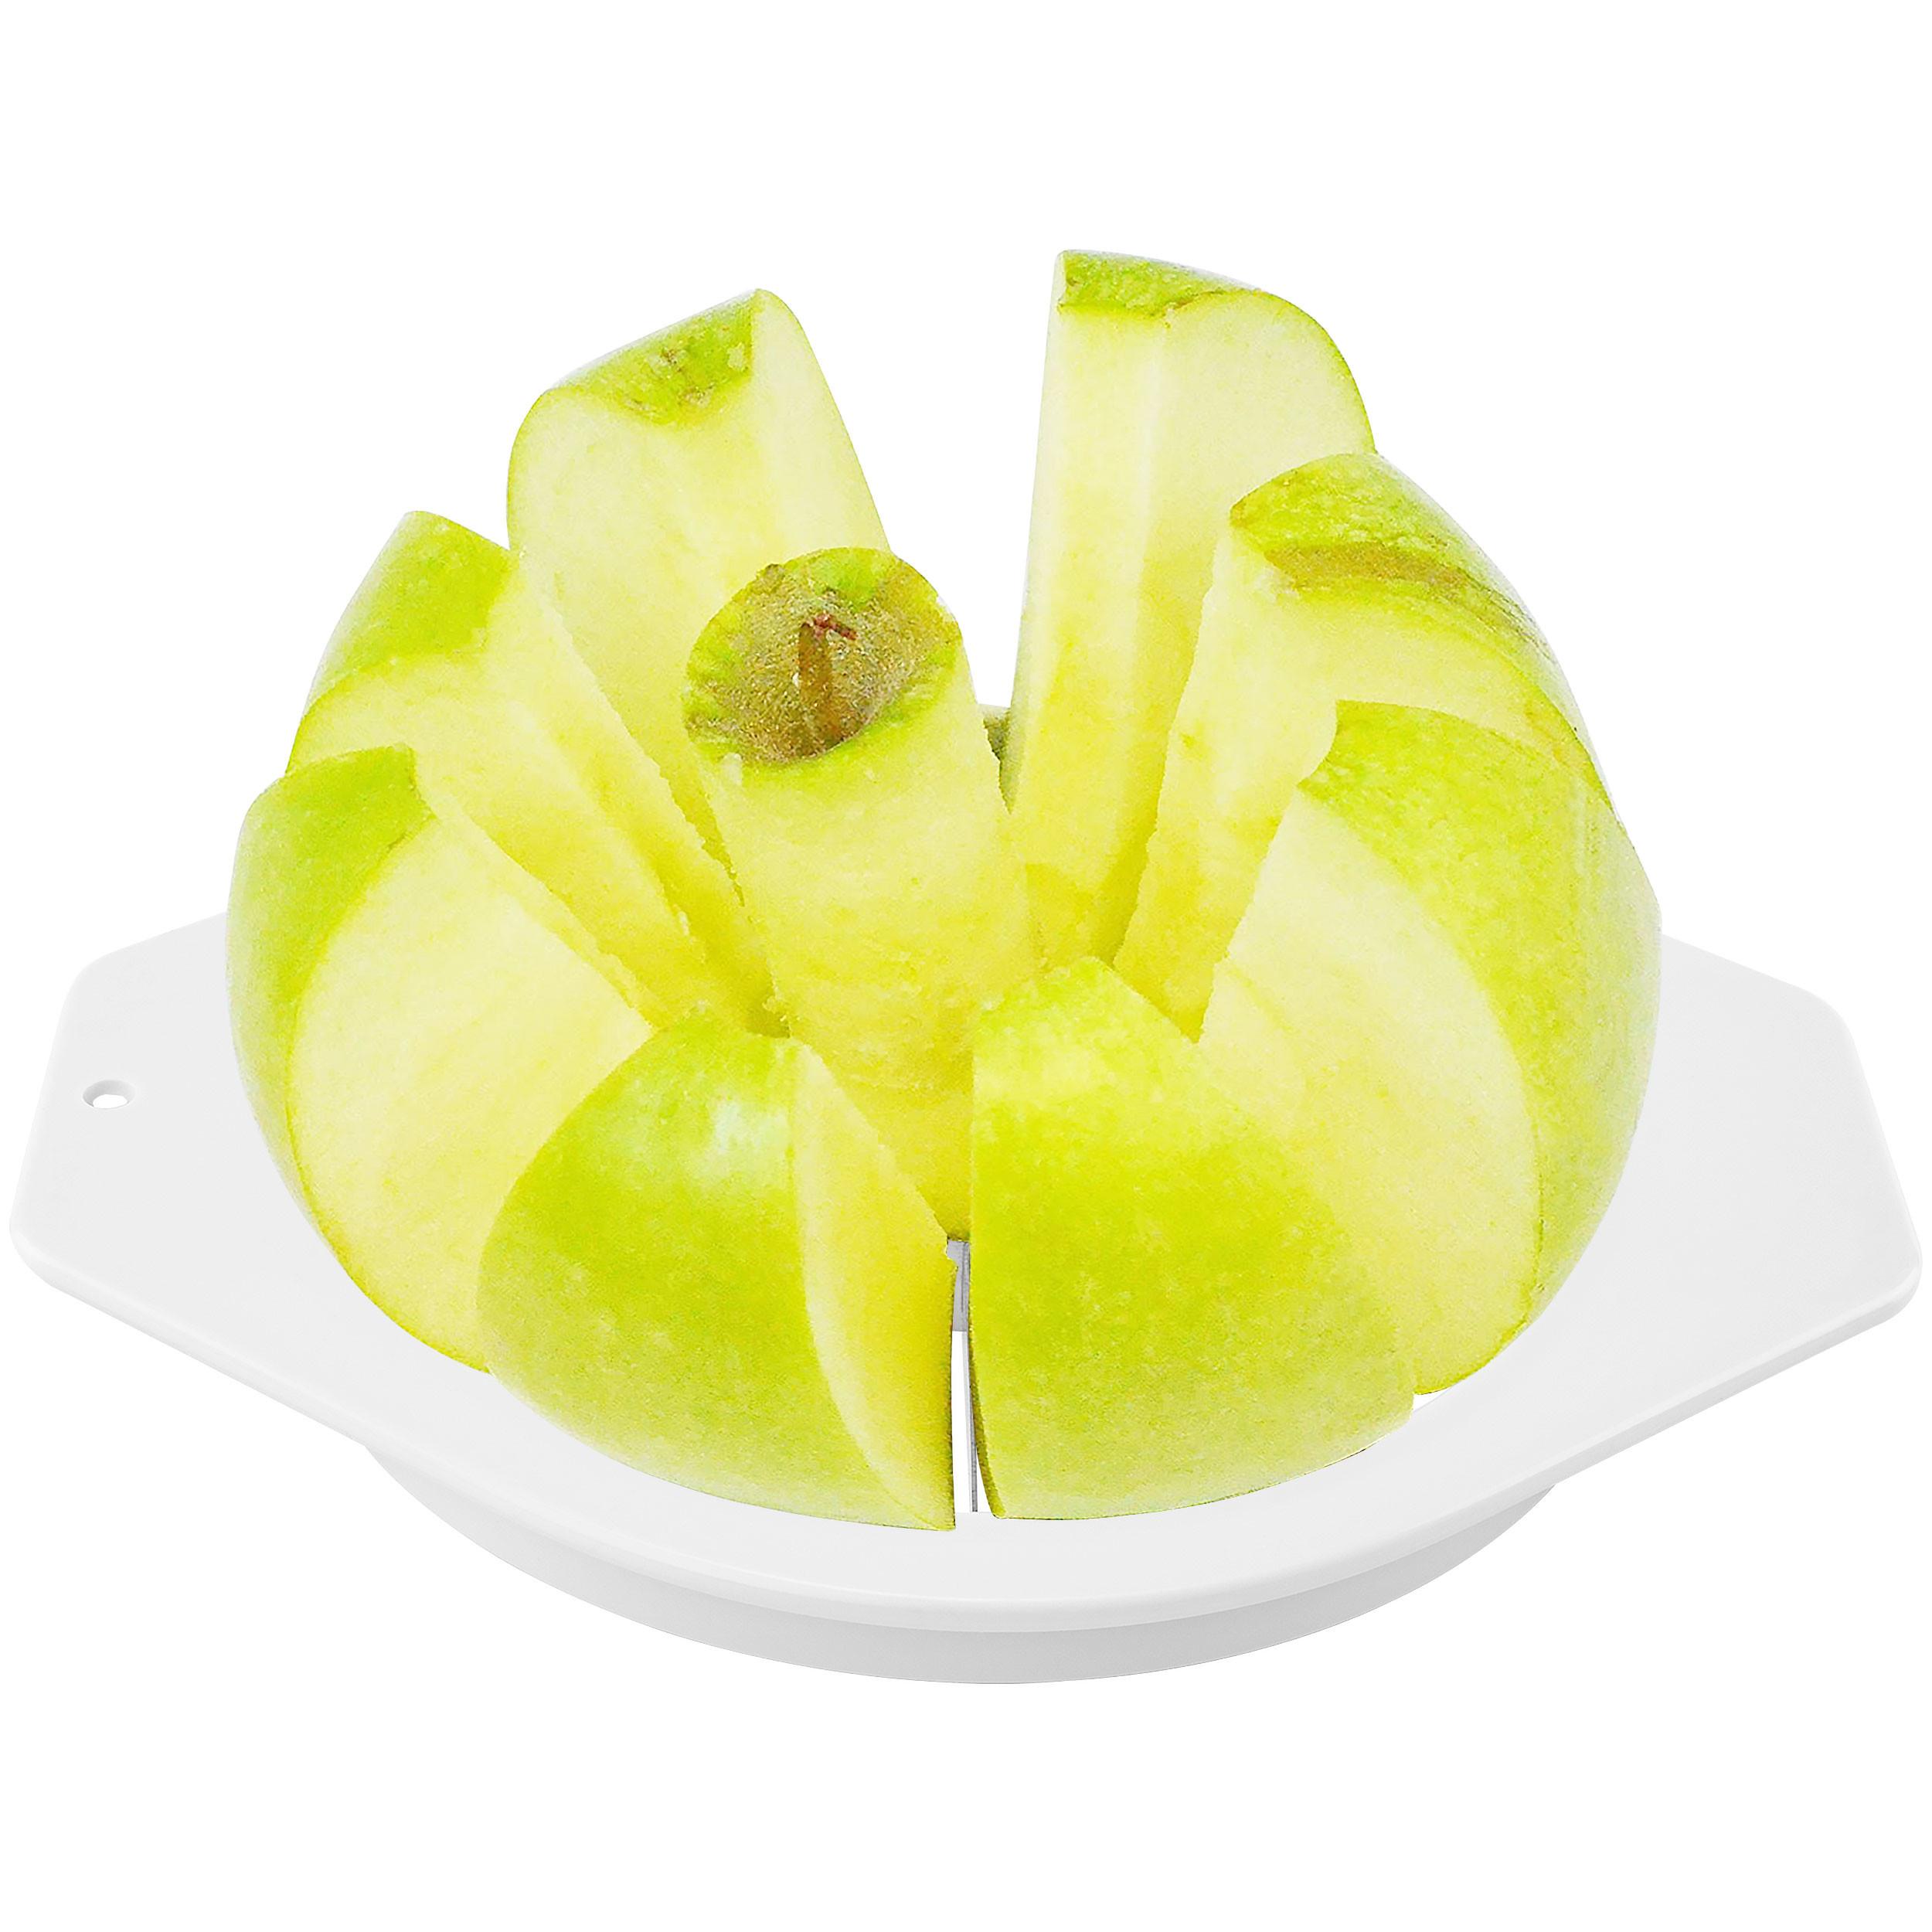 Apple Pear Fruit Slicer Corer Wedger Kitchen Utensil Gadget Tool